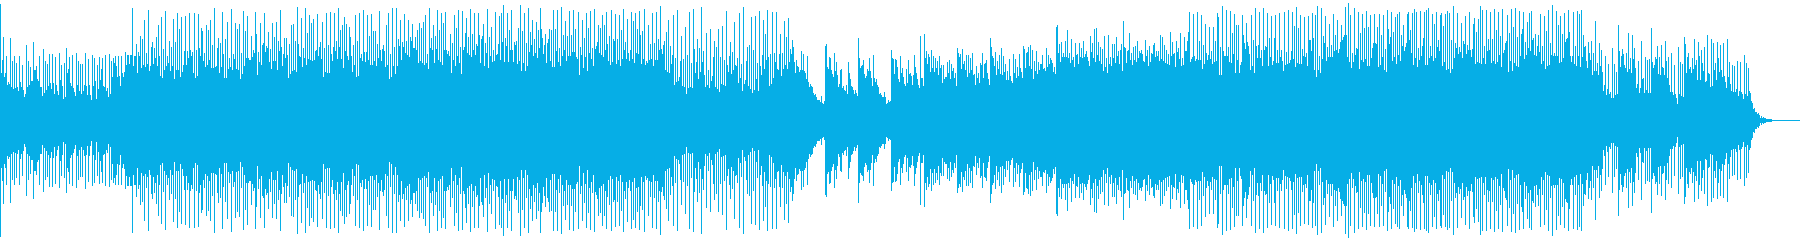 化粧水CMVP透明感ピアノ爽やかAE01の再生済みの波形